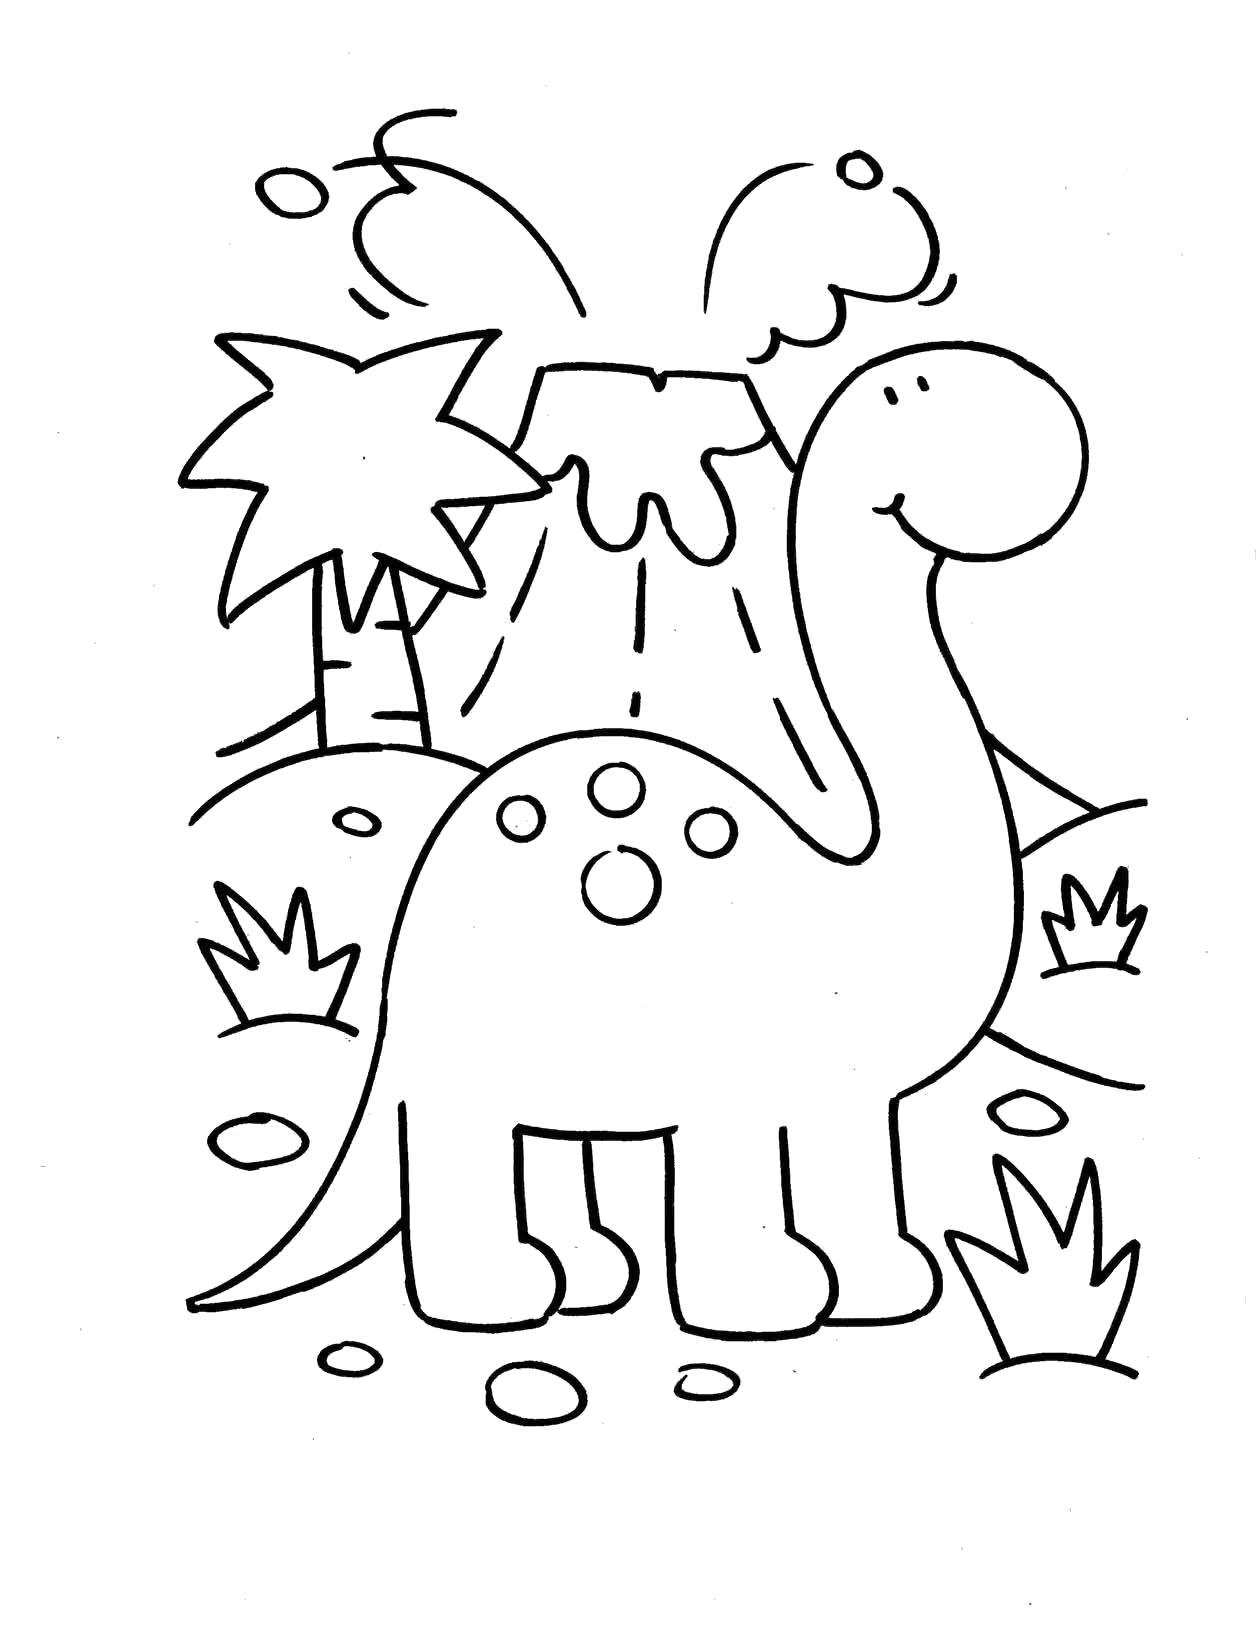 Раскраска  динозавры распечатать,  для маленьких детей. Скачать динозавр.  Распечатать динозавр